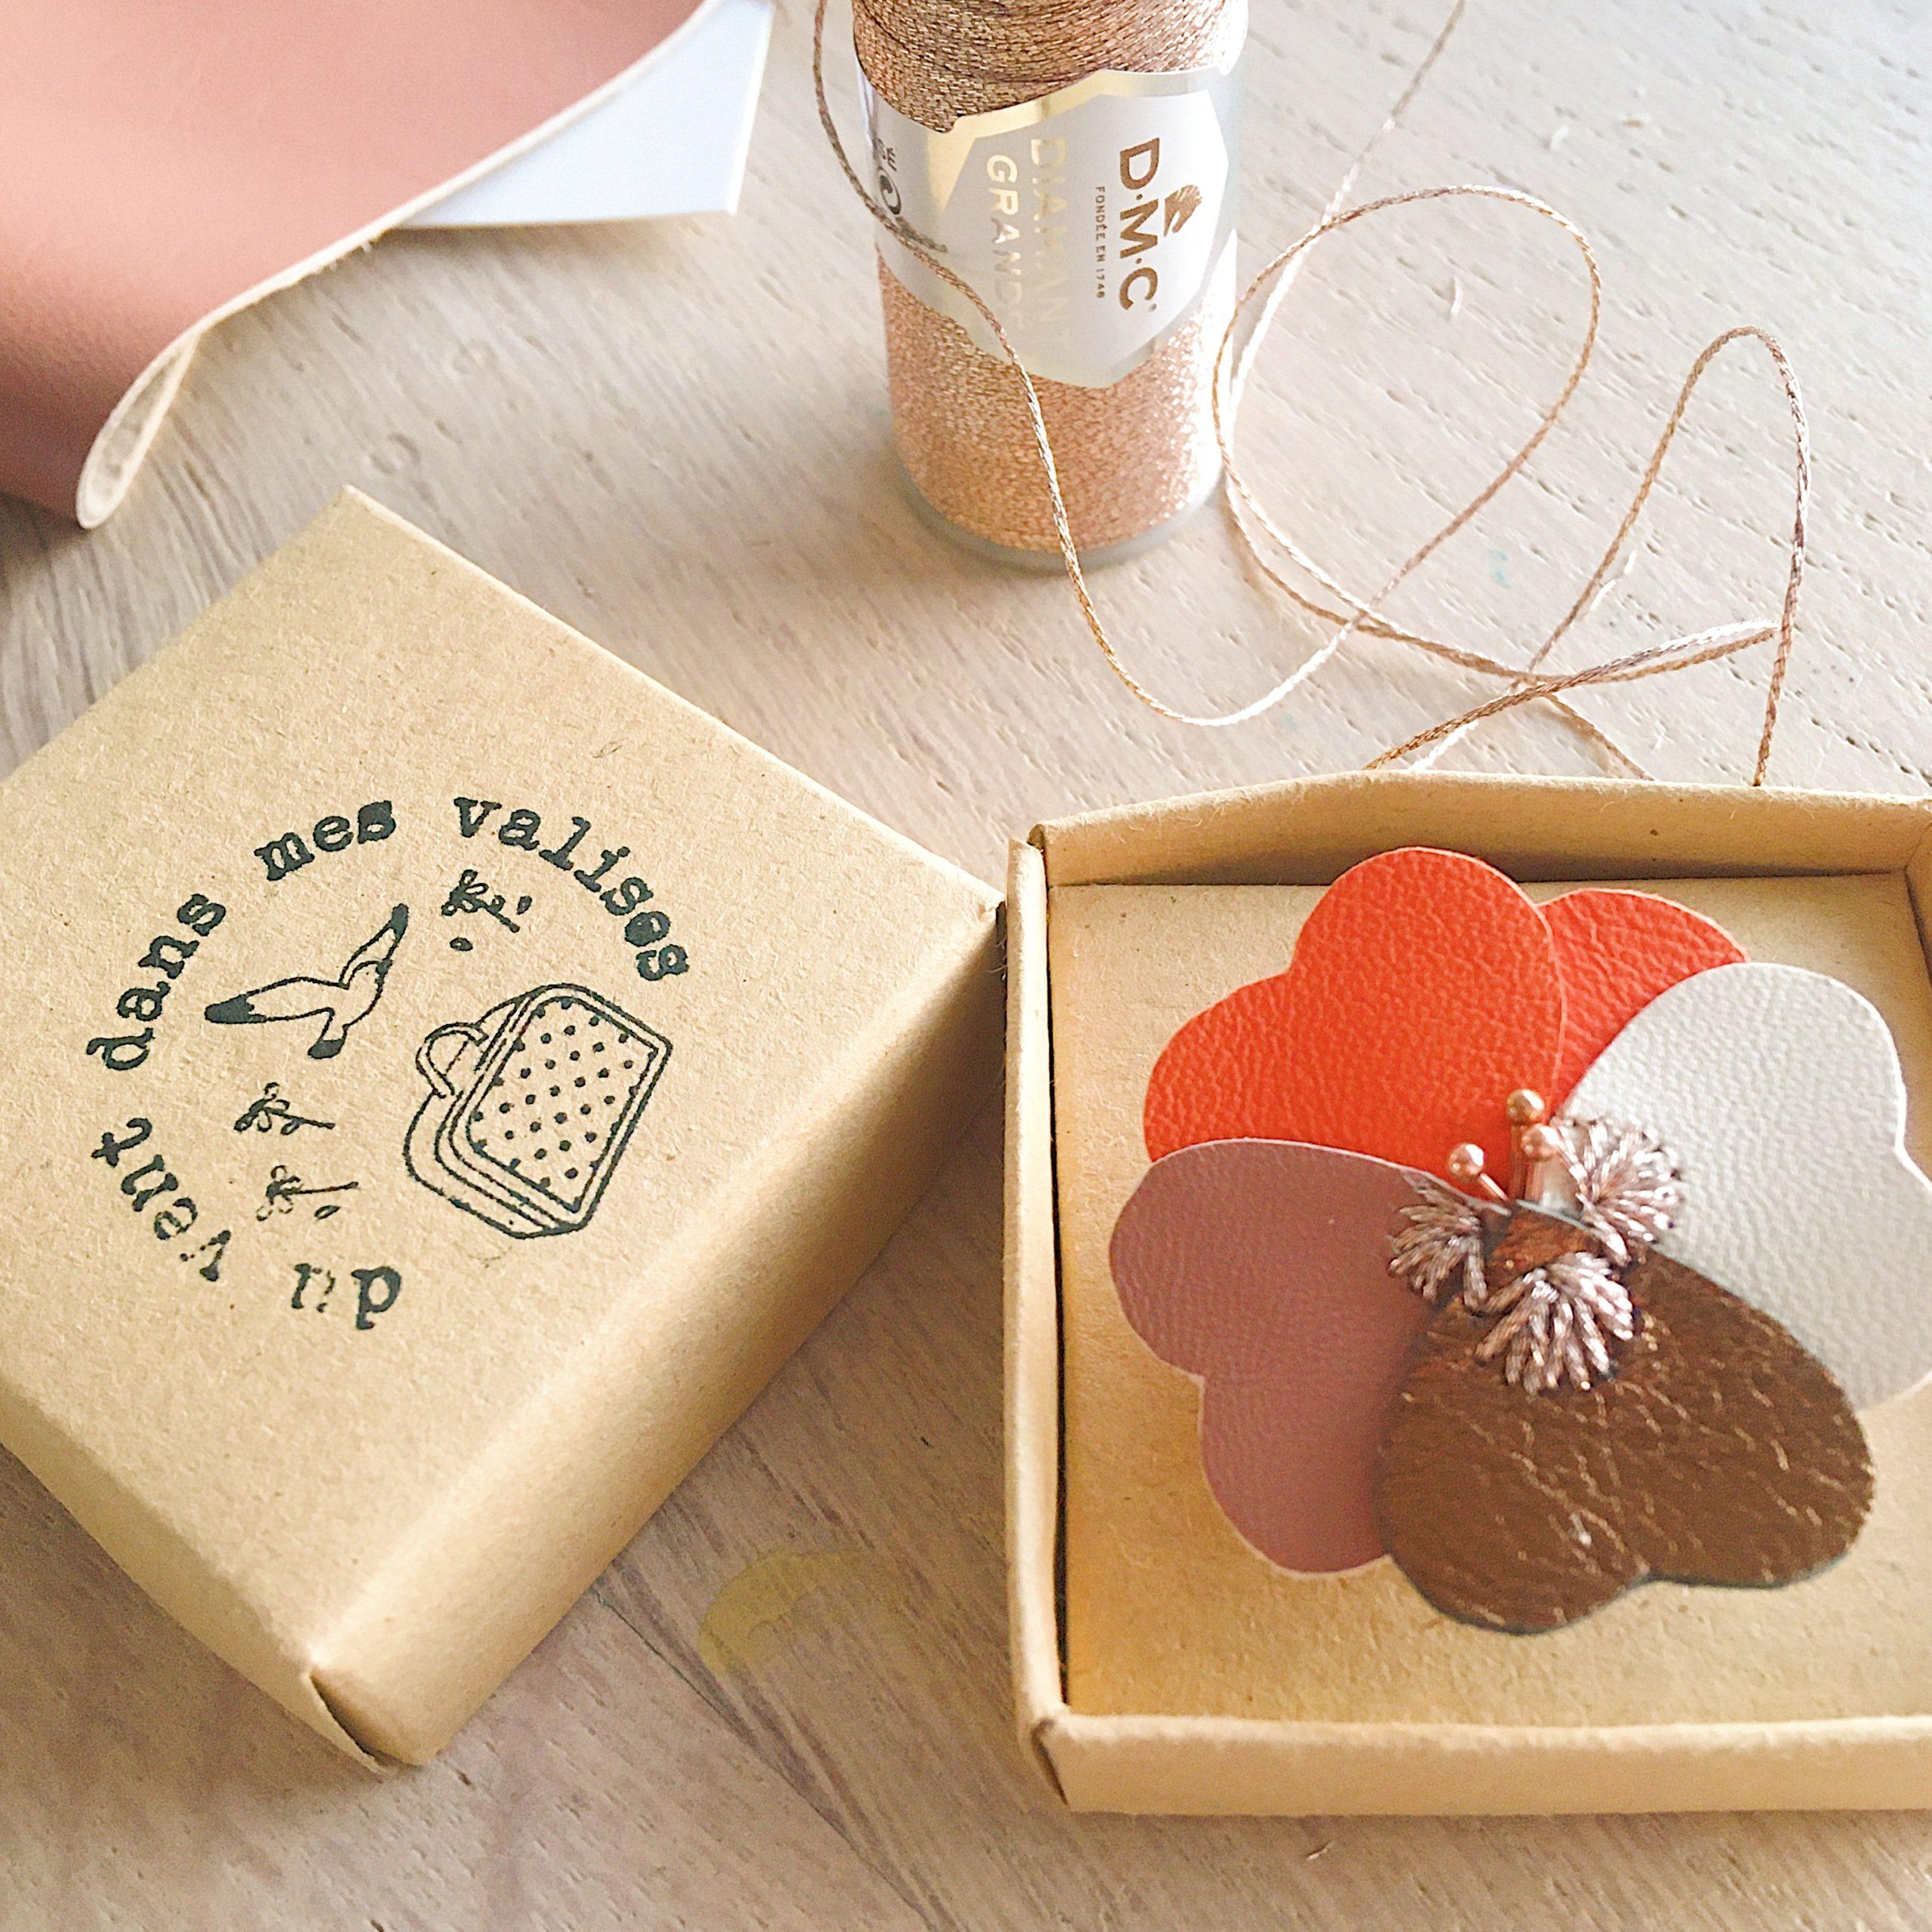 la tendre pensée, fleur française durable broche en cuir upcycled personnalisable - du vent dans mes valises